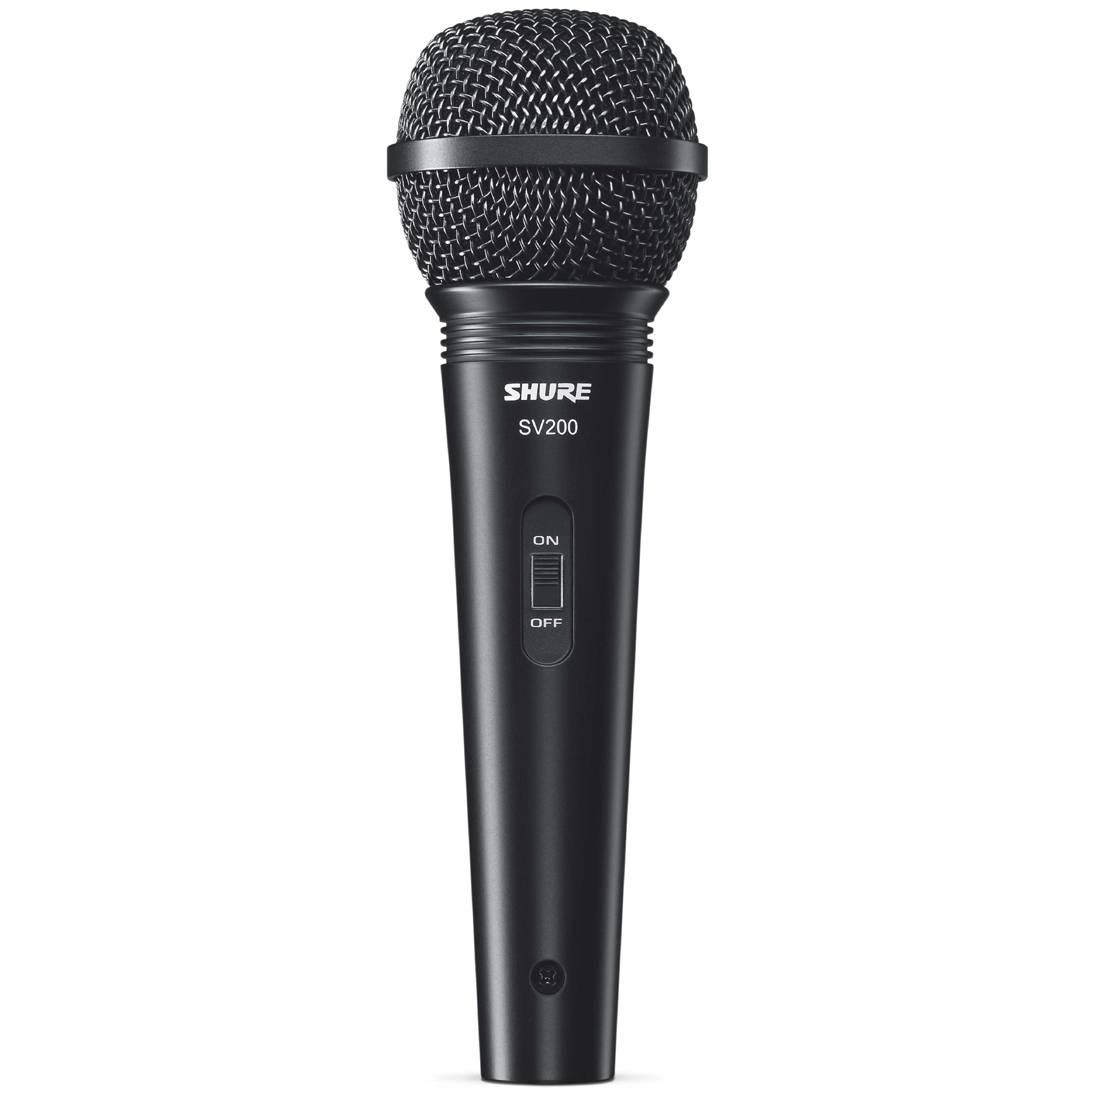 SHURE SV200-A микрофон динамический вокальный с выключателем